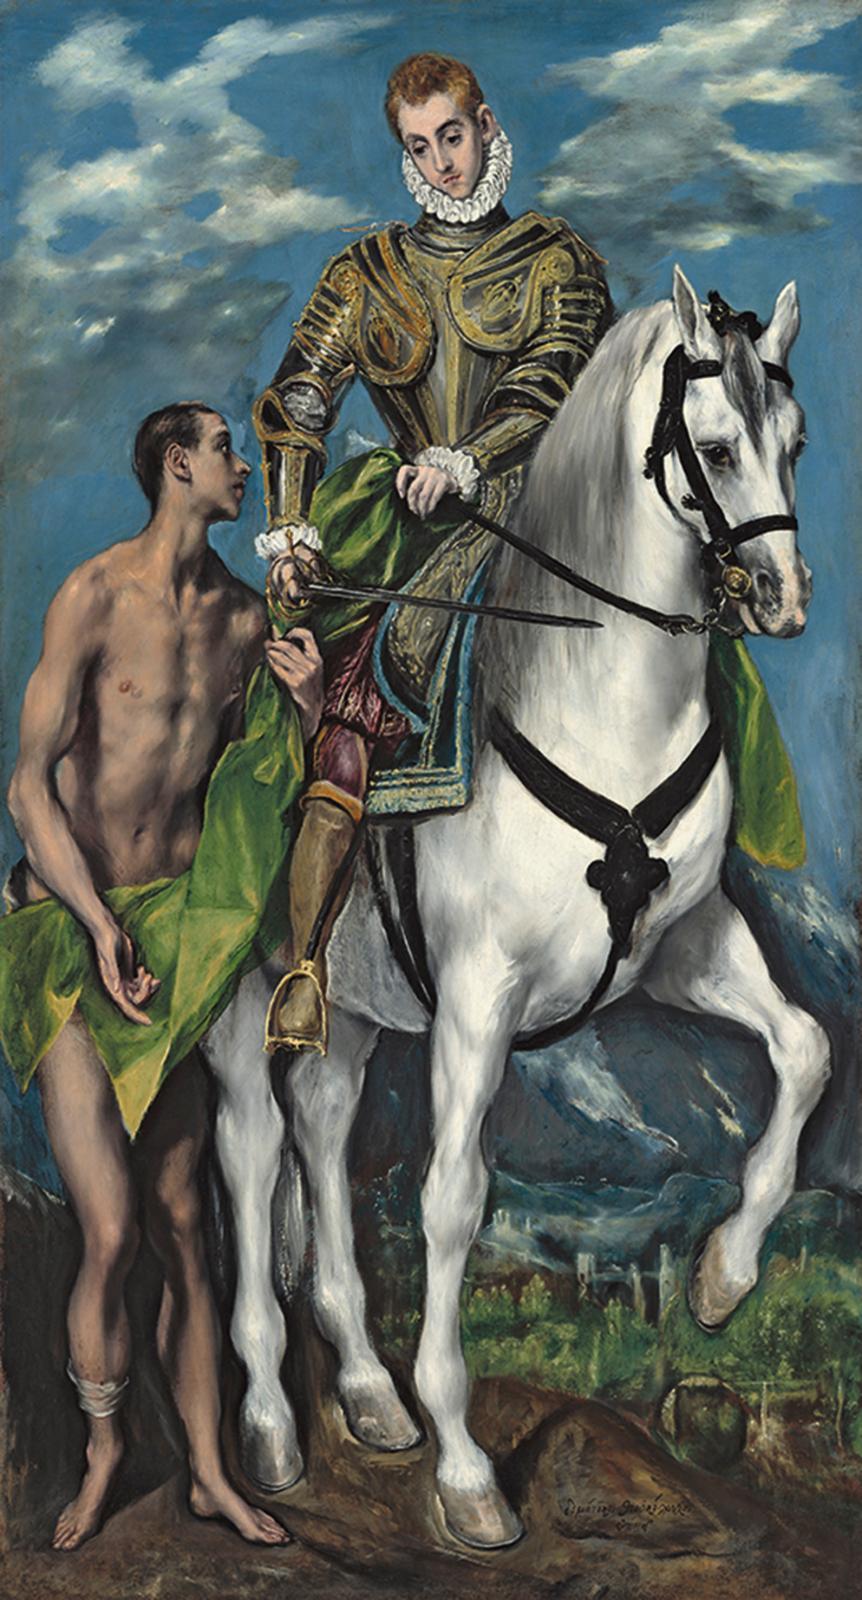 Dominikos Theotokopoulos, dit le Greco, Saint Martin et le mendiant, 1597-1599, huile sur toile, 193,5x103cm.